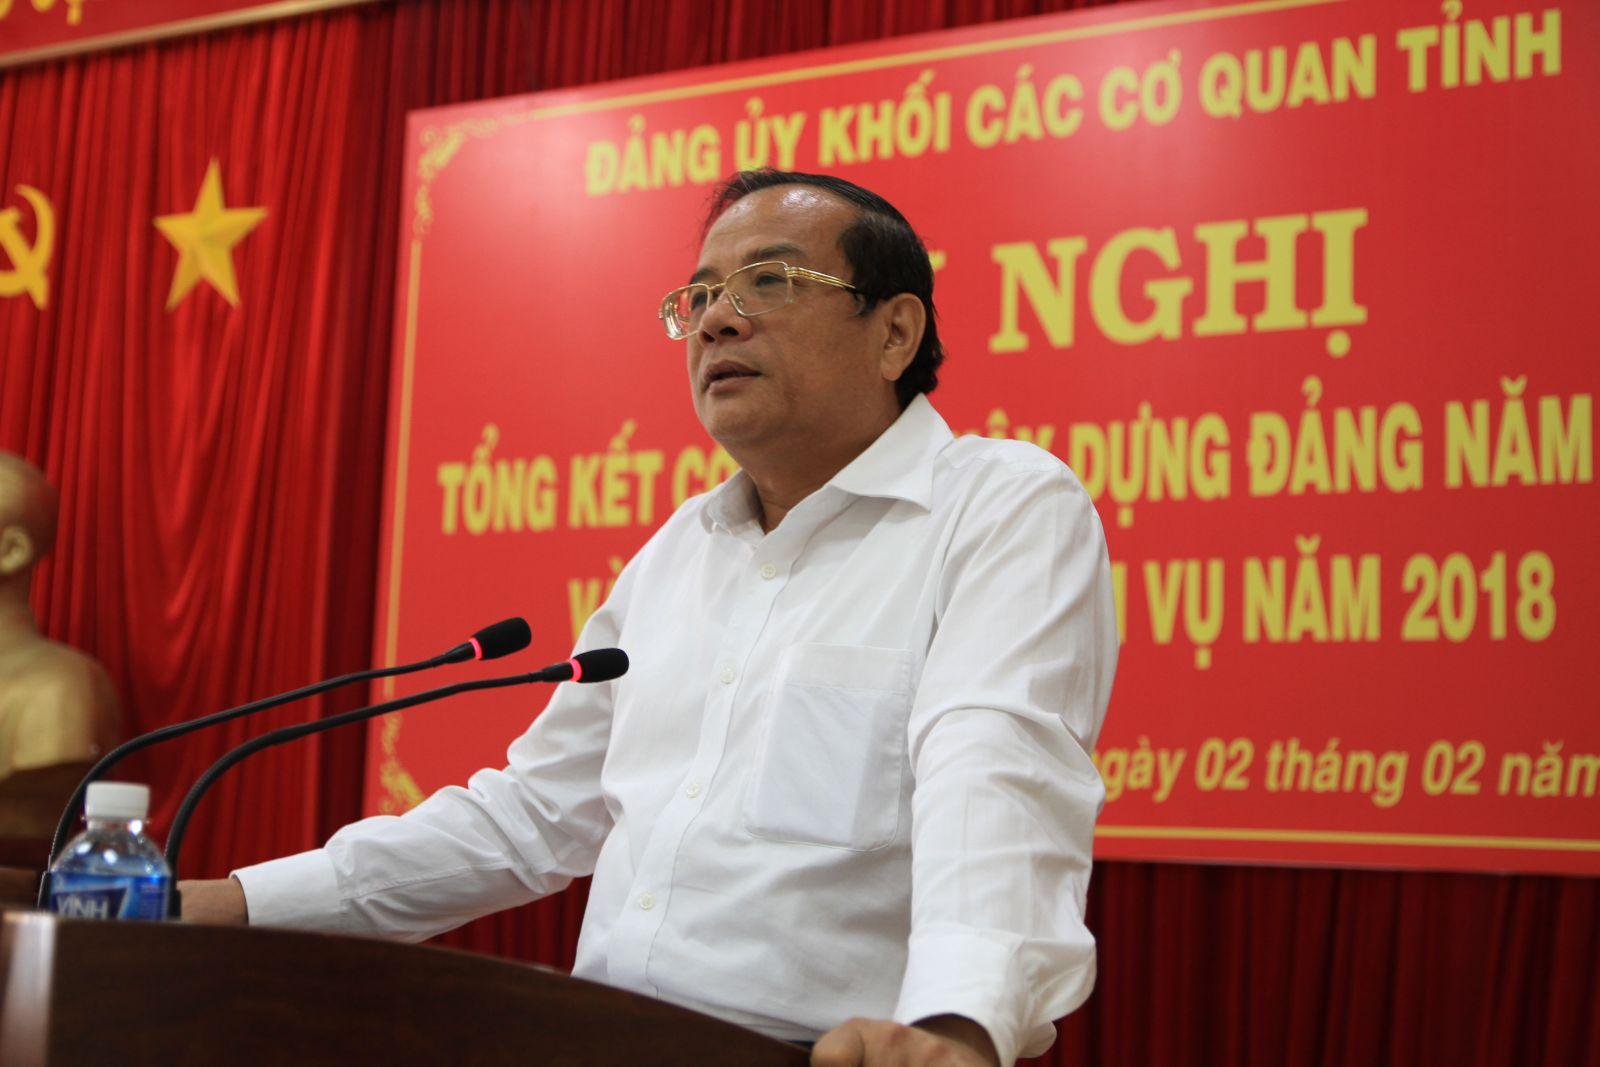 Đ/c Huỳnh Thanh Cảnh - Phó Bí thư Thường trực Tỉnh ủy phát biểu chỉ đạo Hội nghị